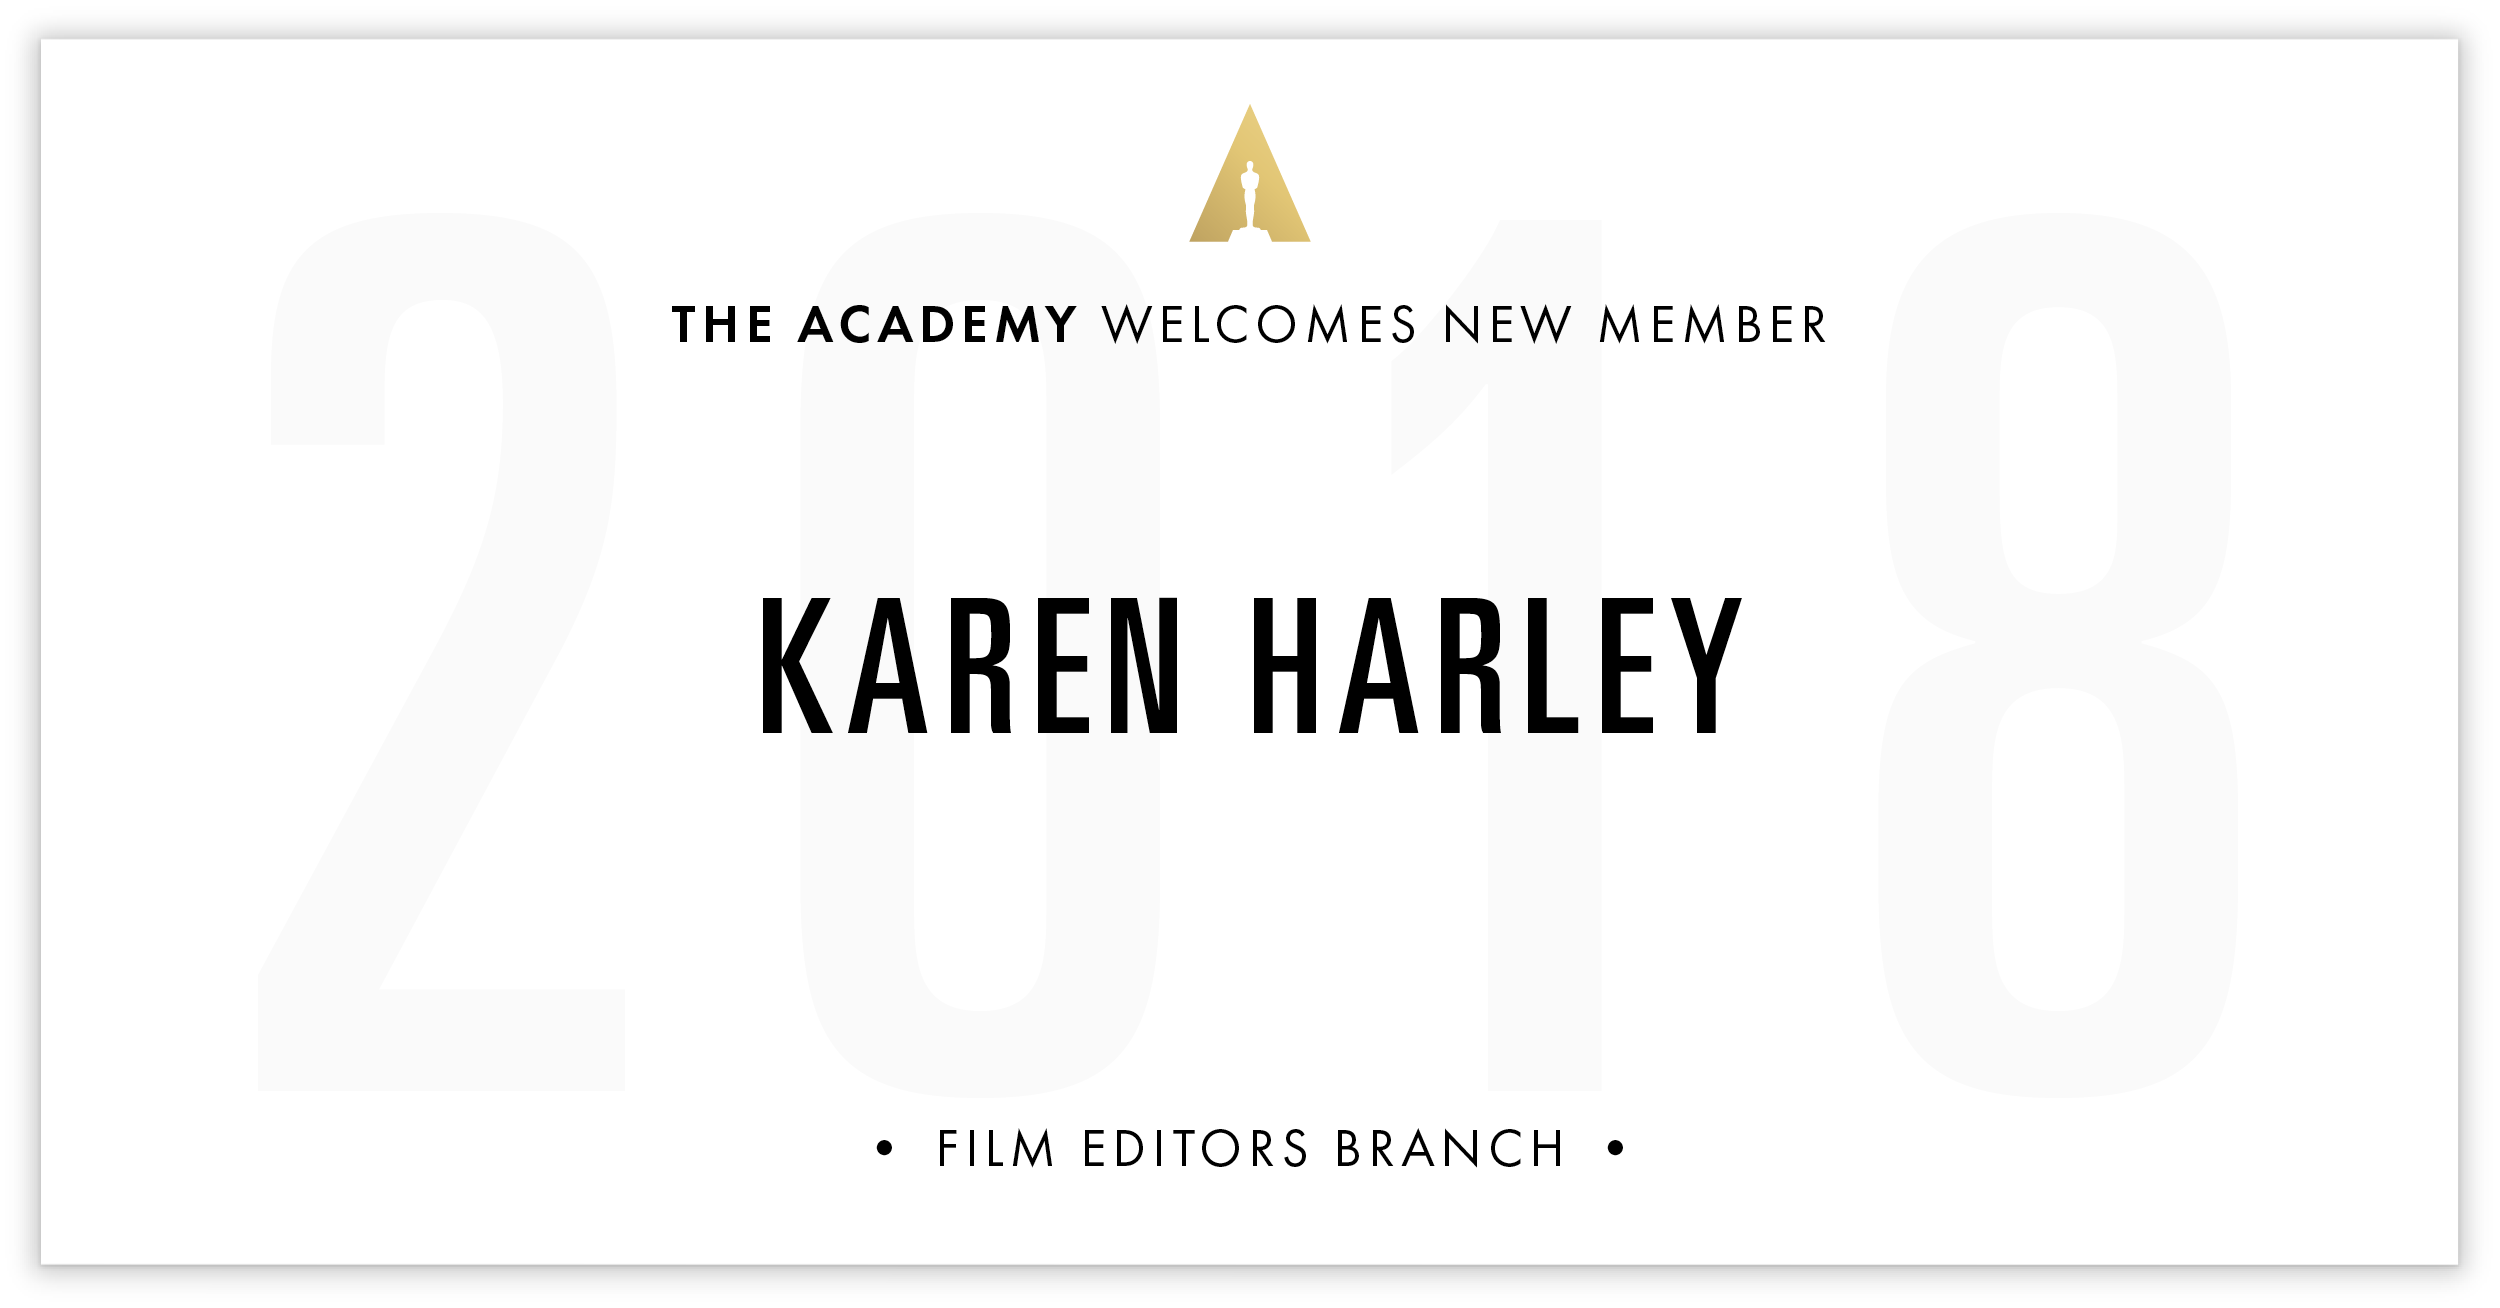 Karen Harley is invited!